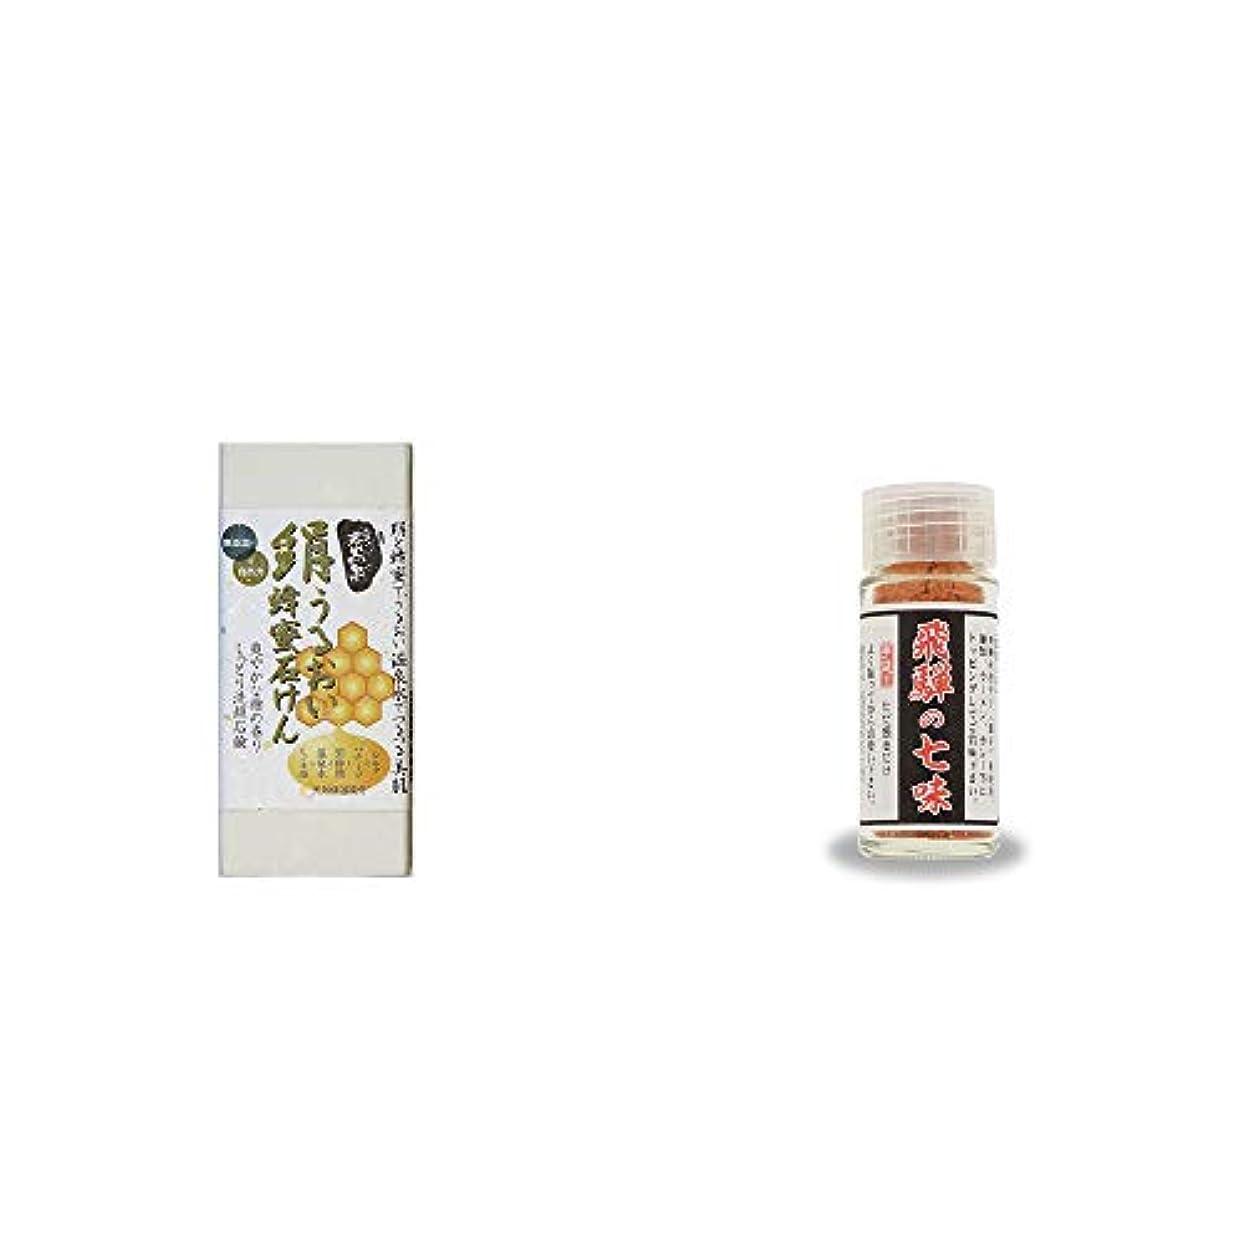 [2点セット] ひのき炭黒泉 絹うるおい蜂蜜石けん(75g×2)?手造り 飛騨の七味(15g)